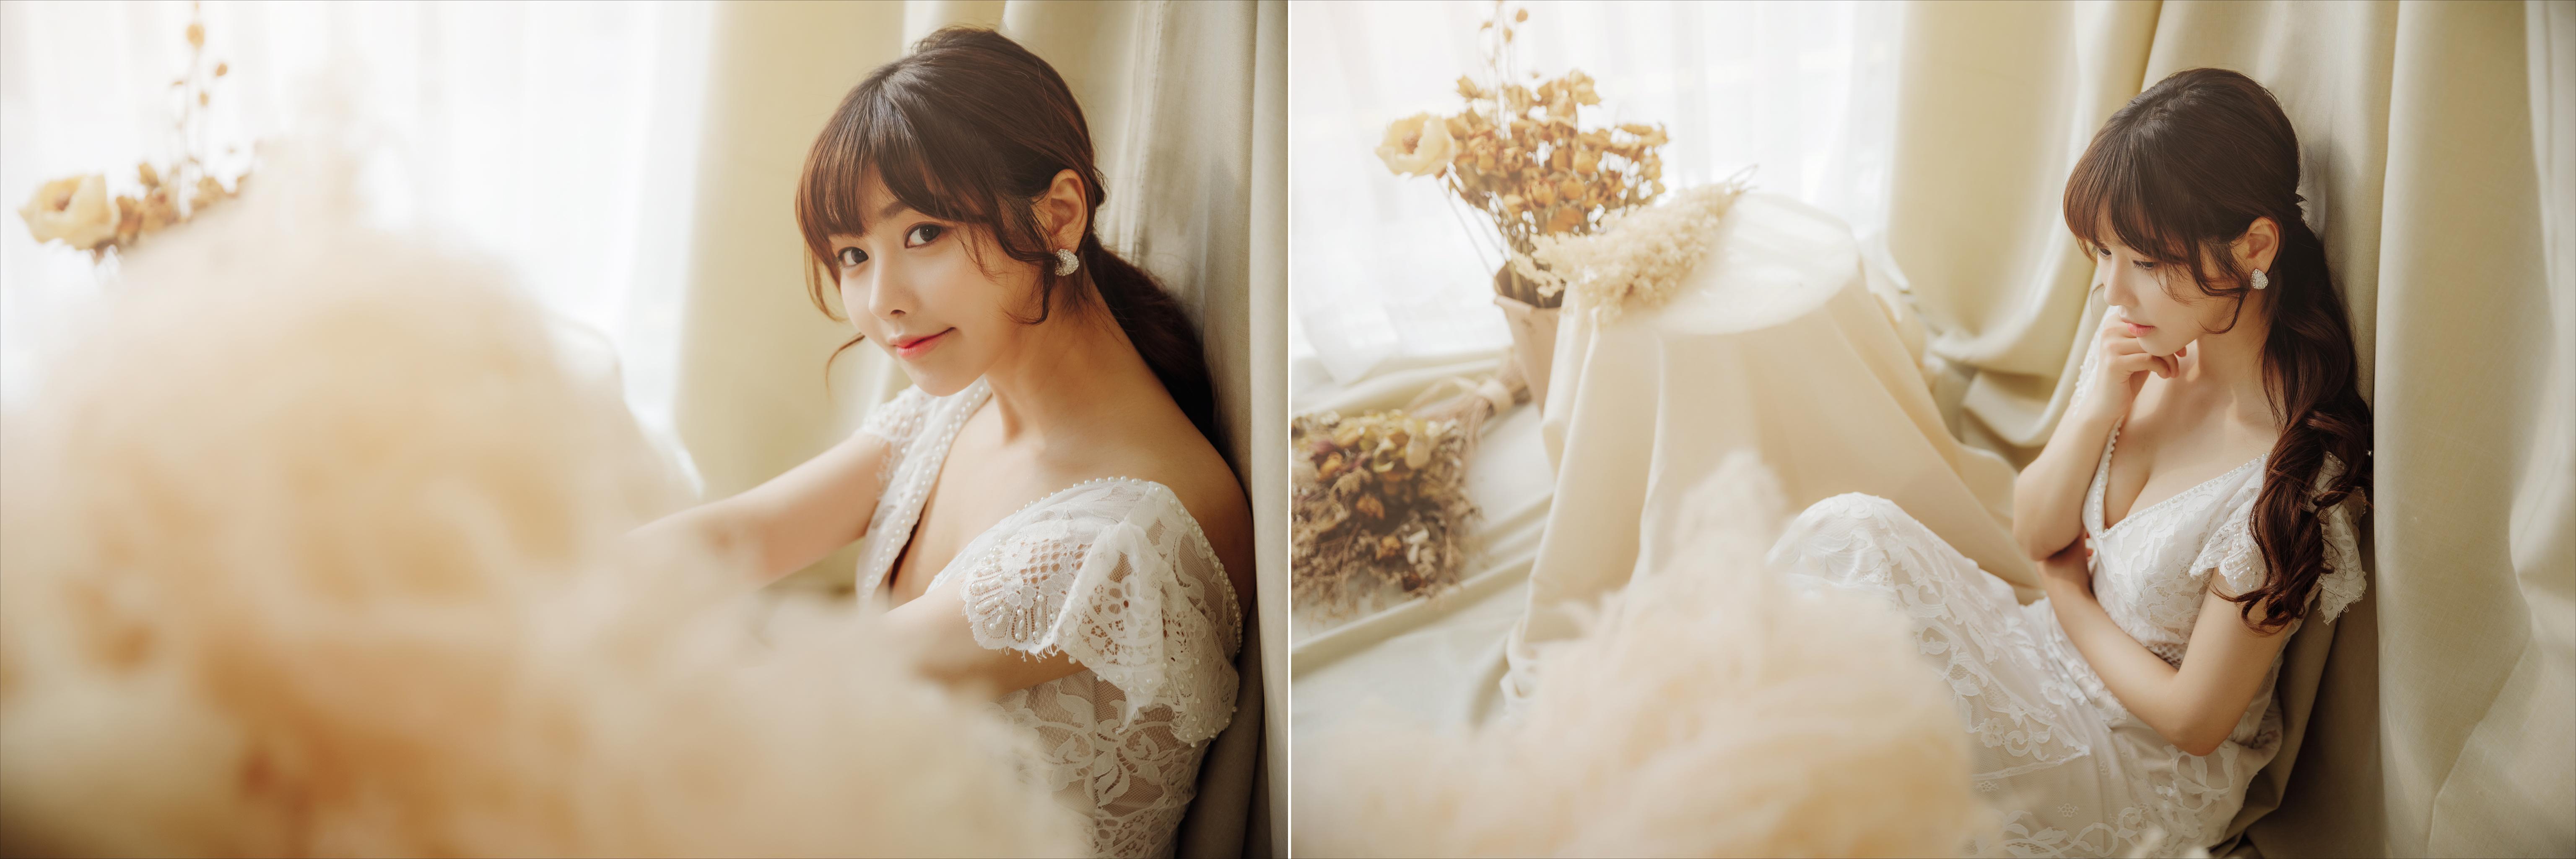 48956977921 fe8019e9a0 o - 【自主婚紗】+Yu+